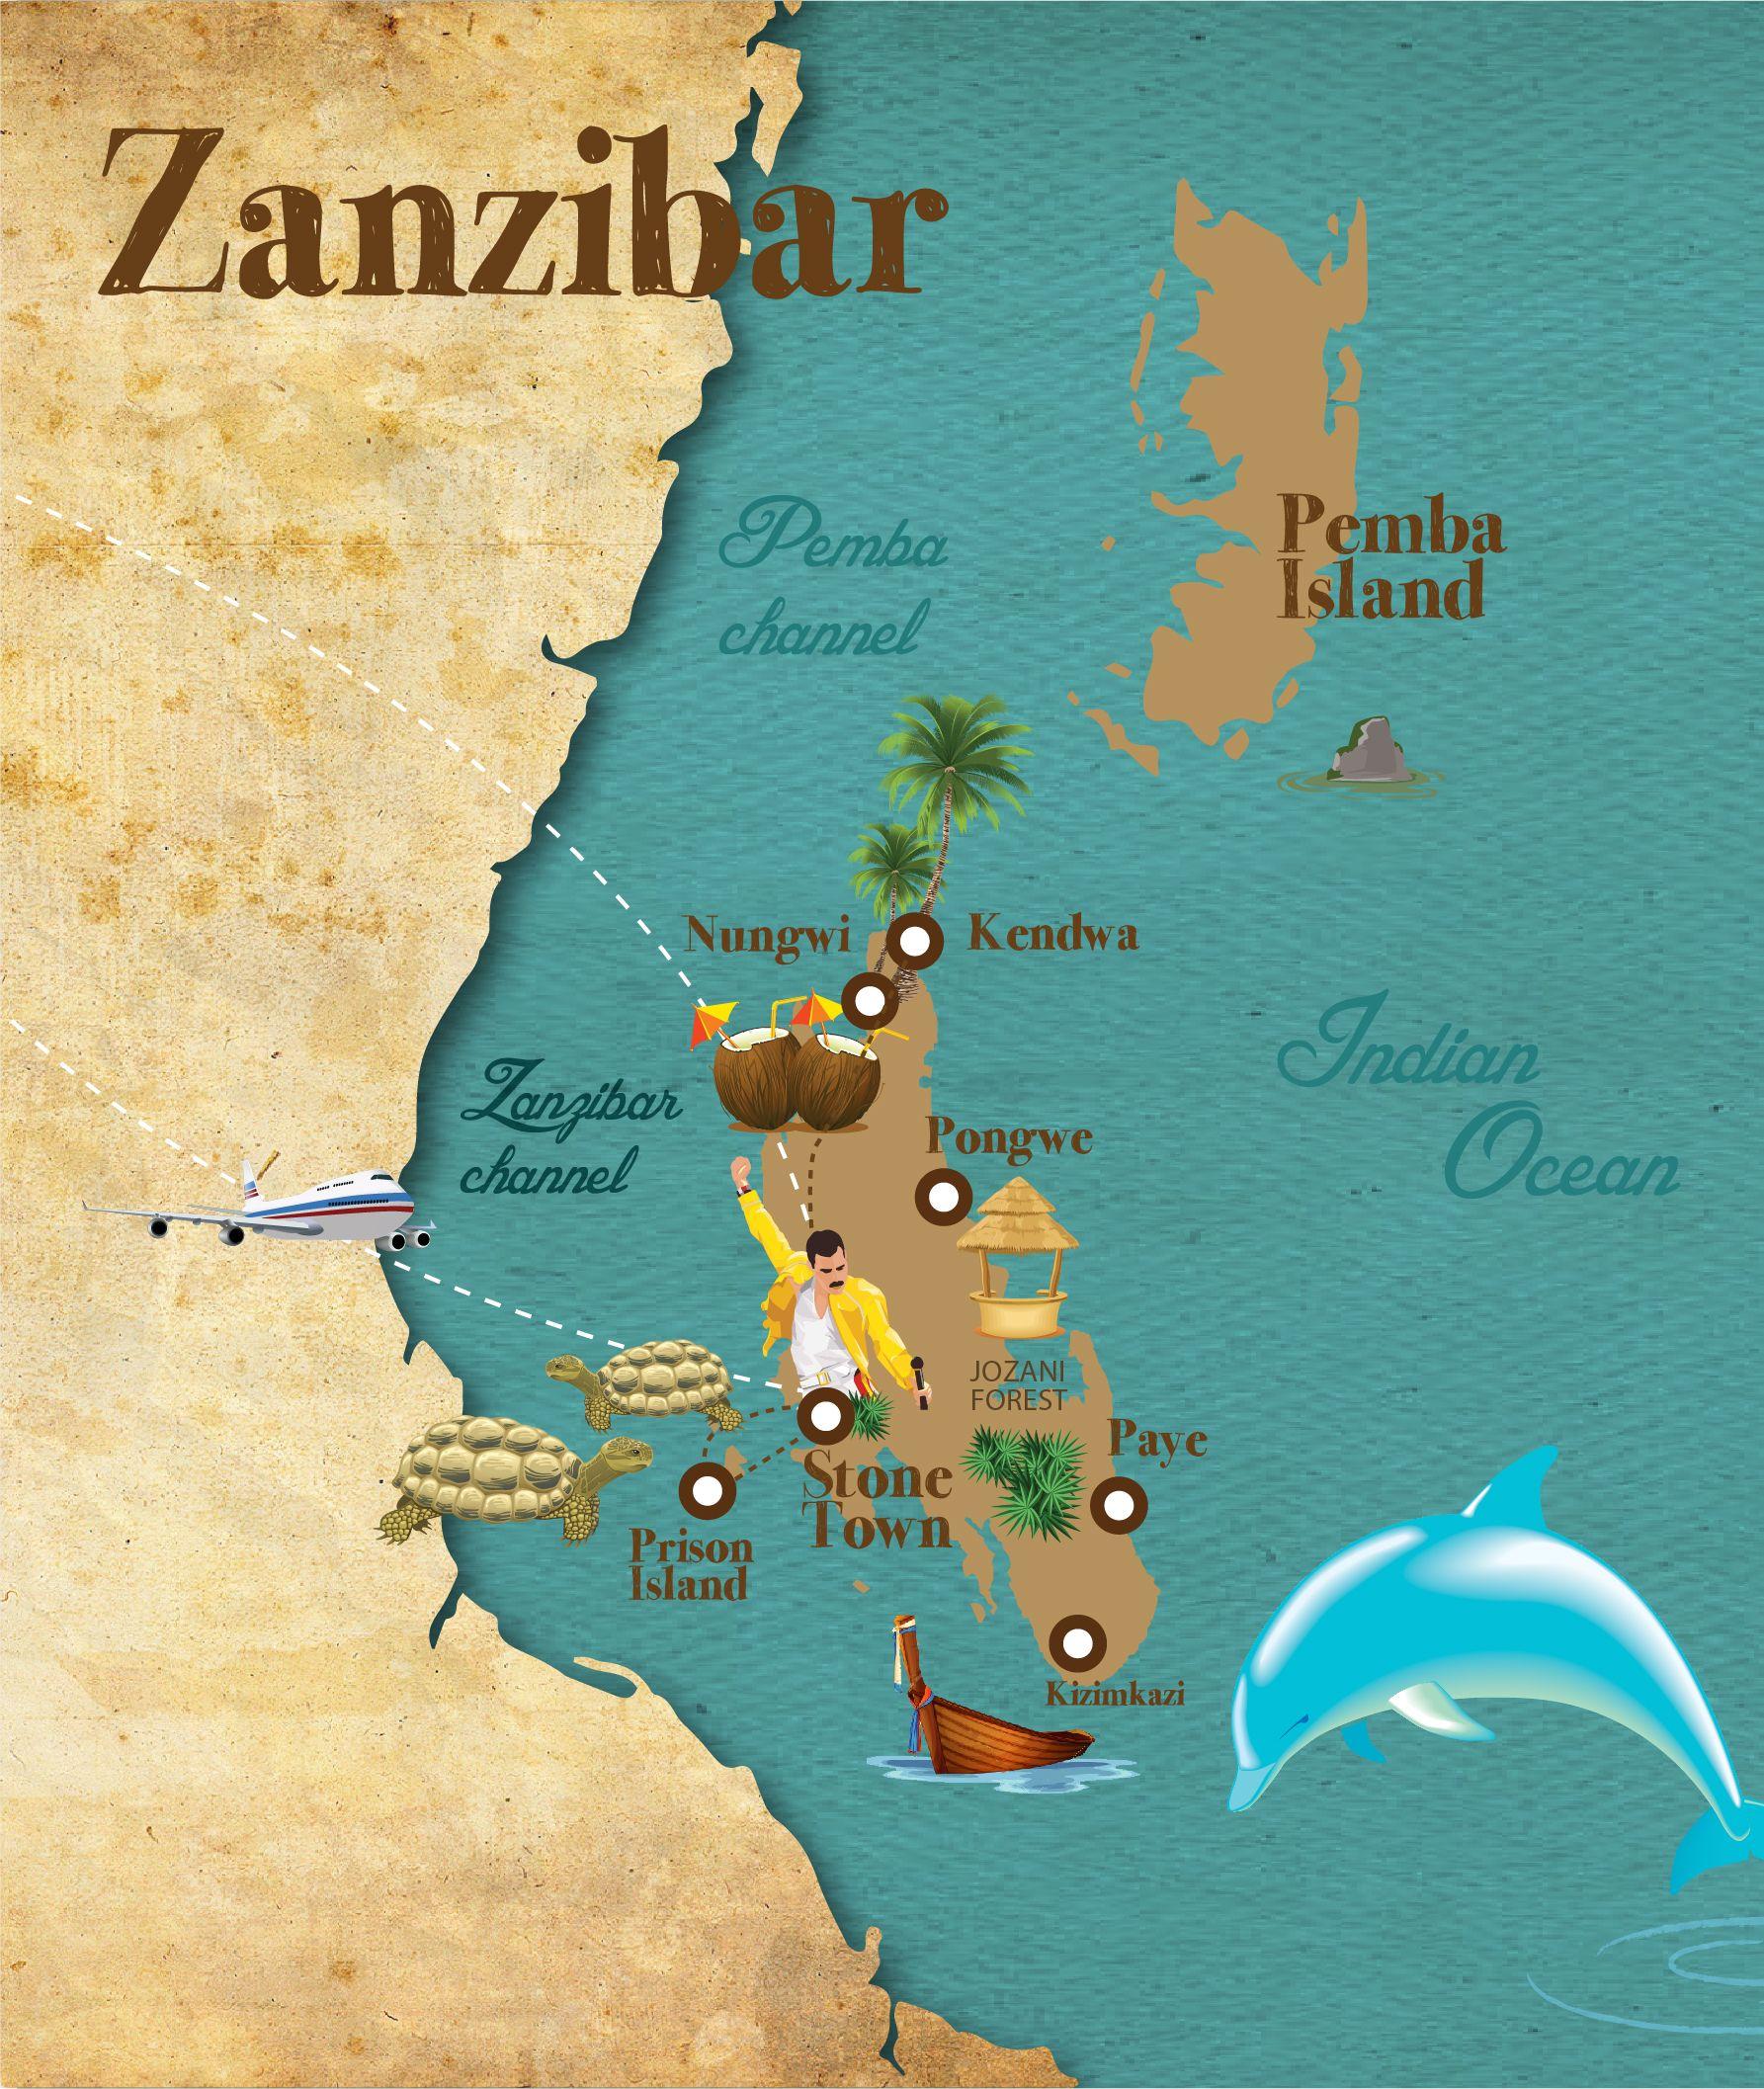 Map Of Africa Zanzibar.Zanzibar Travel Map Travelmaps Travel Graphic Tanzania